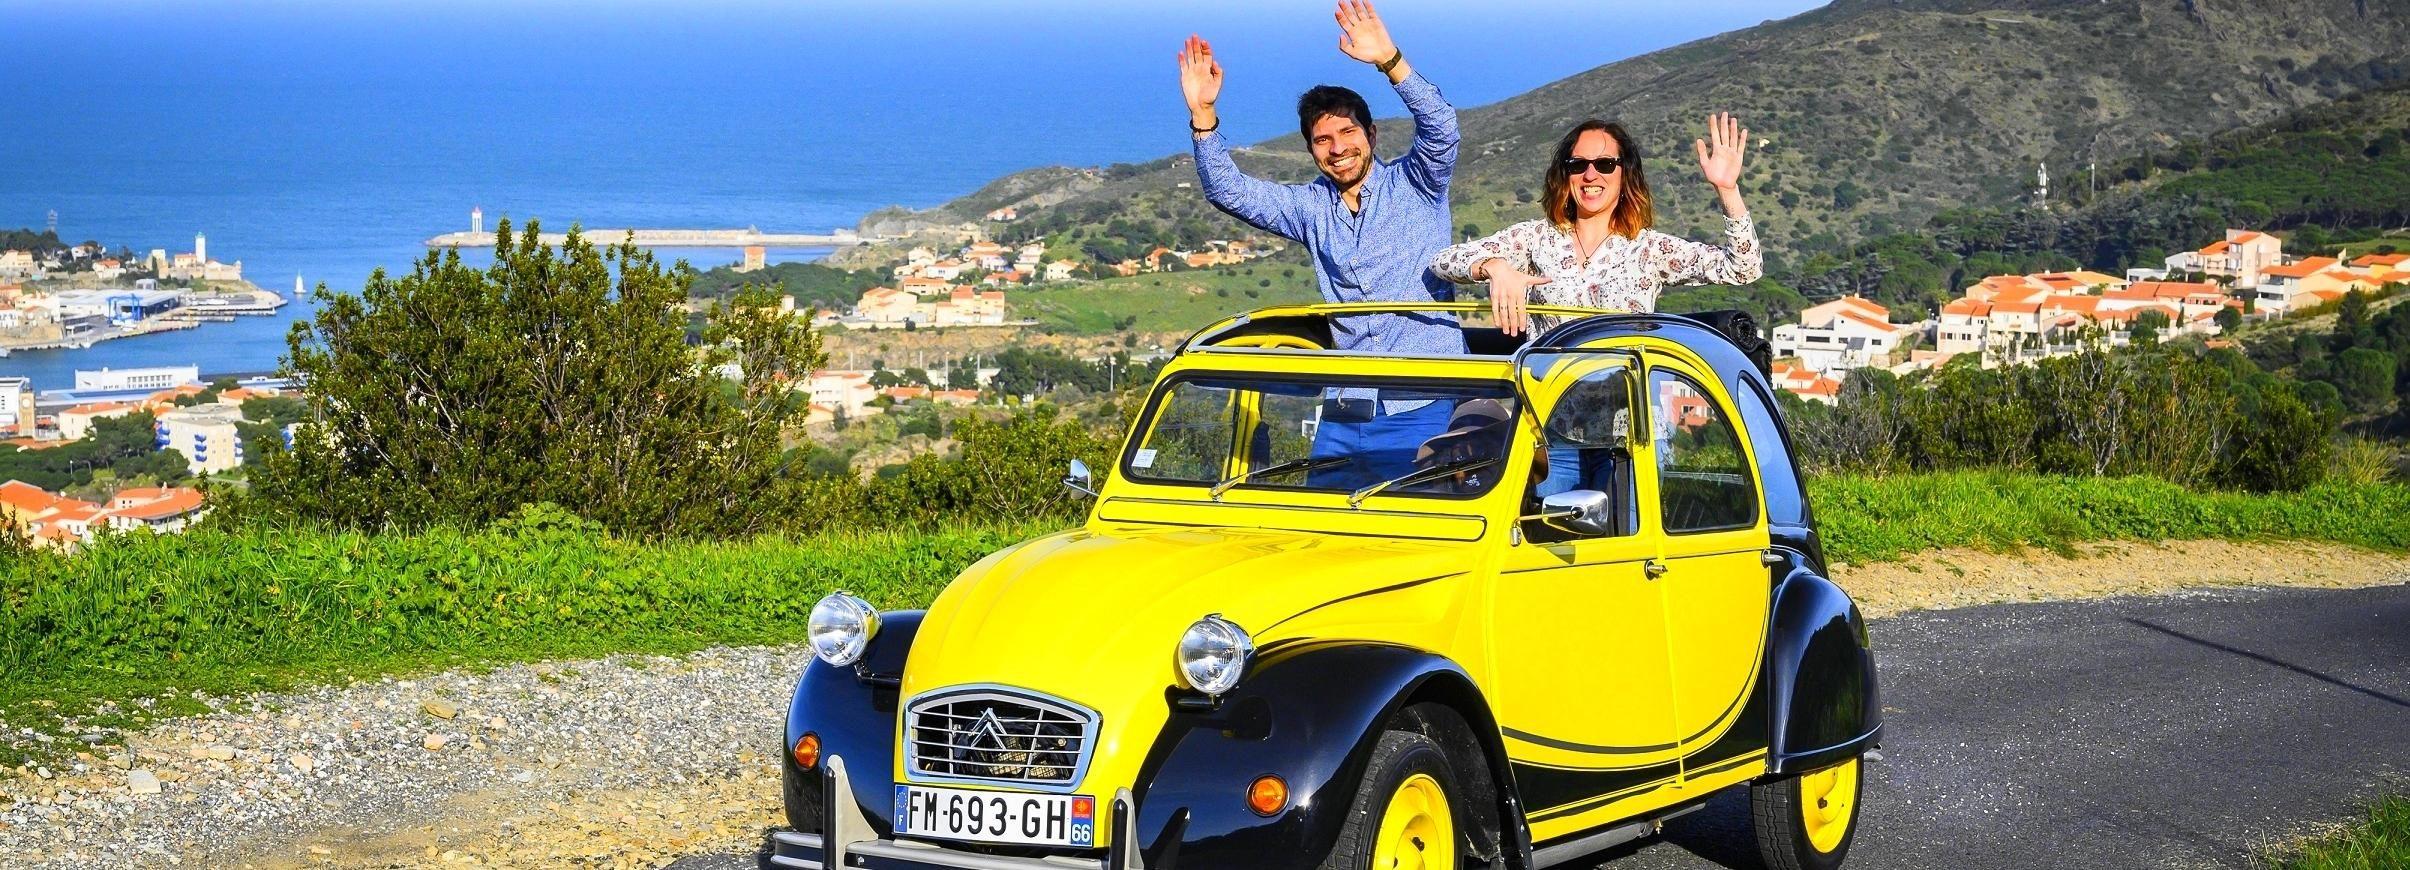 Collioure: visite de la ville en voiture 2CV vintage et tapas / vin en option